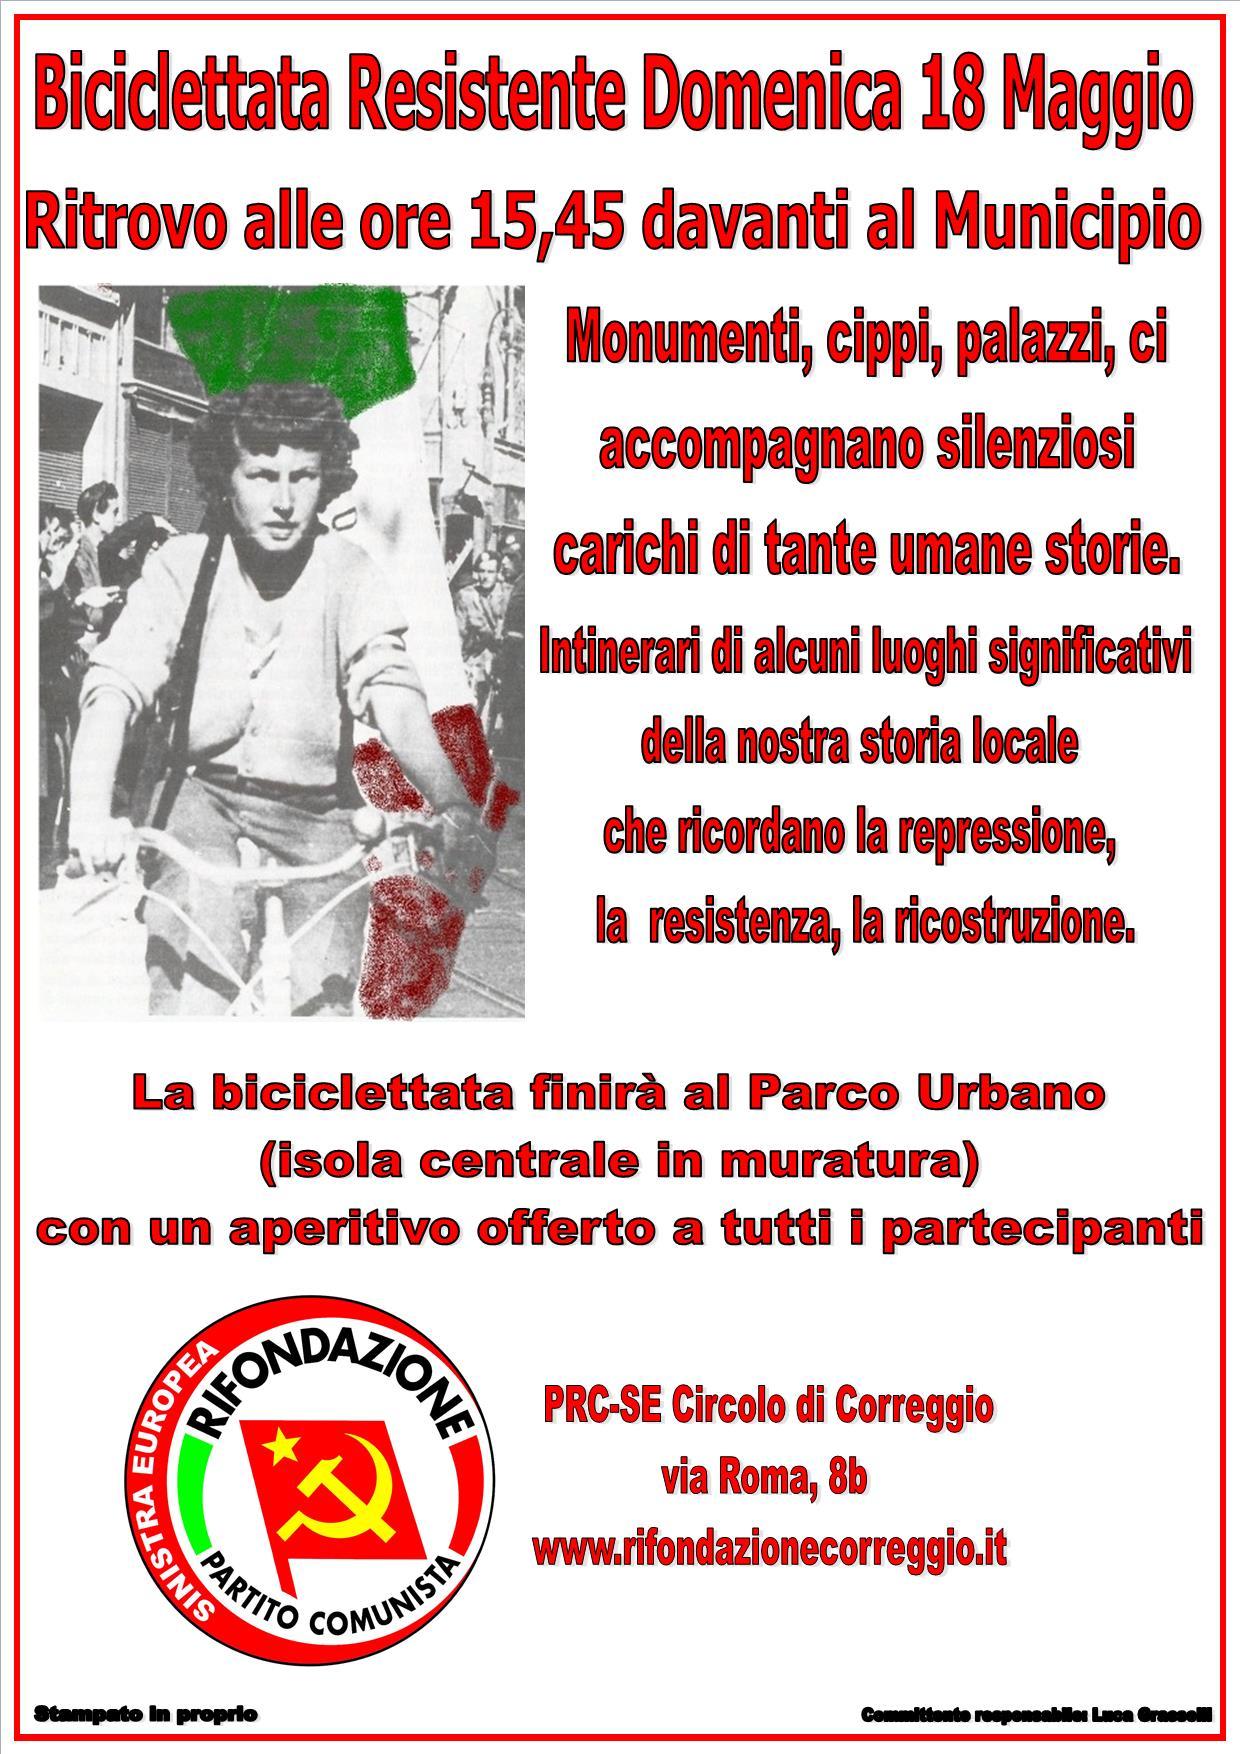 Biciclettata Resistente, domenica 18 maggio 2014 a Correggio